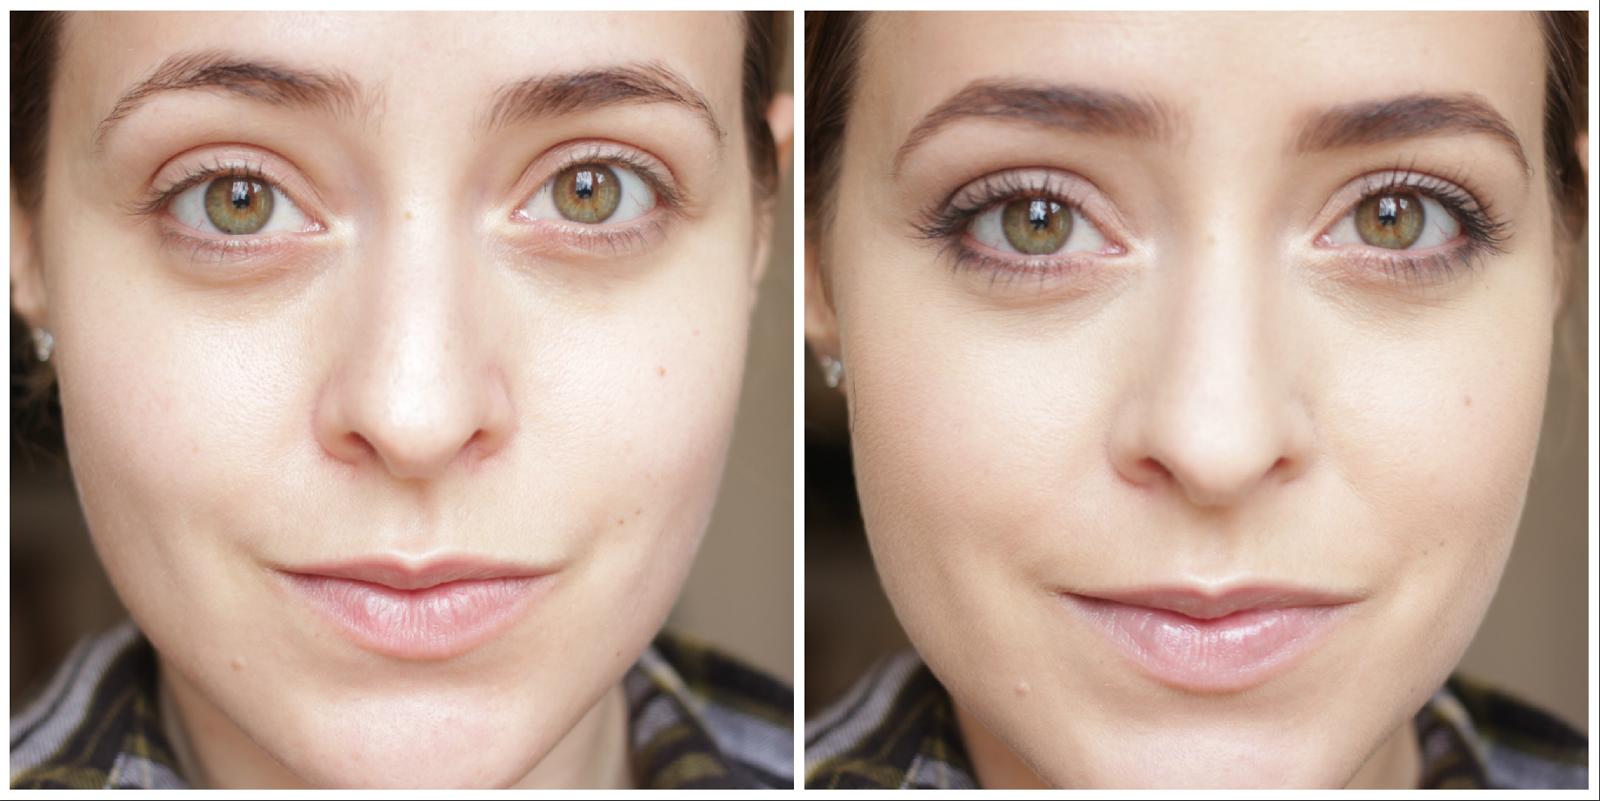 Eye Makeup how to get eye makeup off without makeup remover : u0026#39;No Makeupu0026#39; Makeup - Fleur De Force